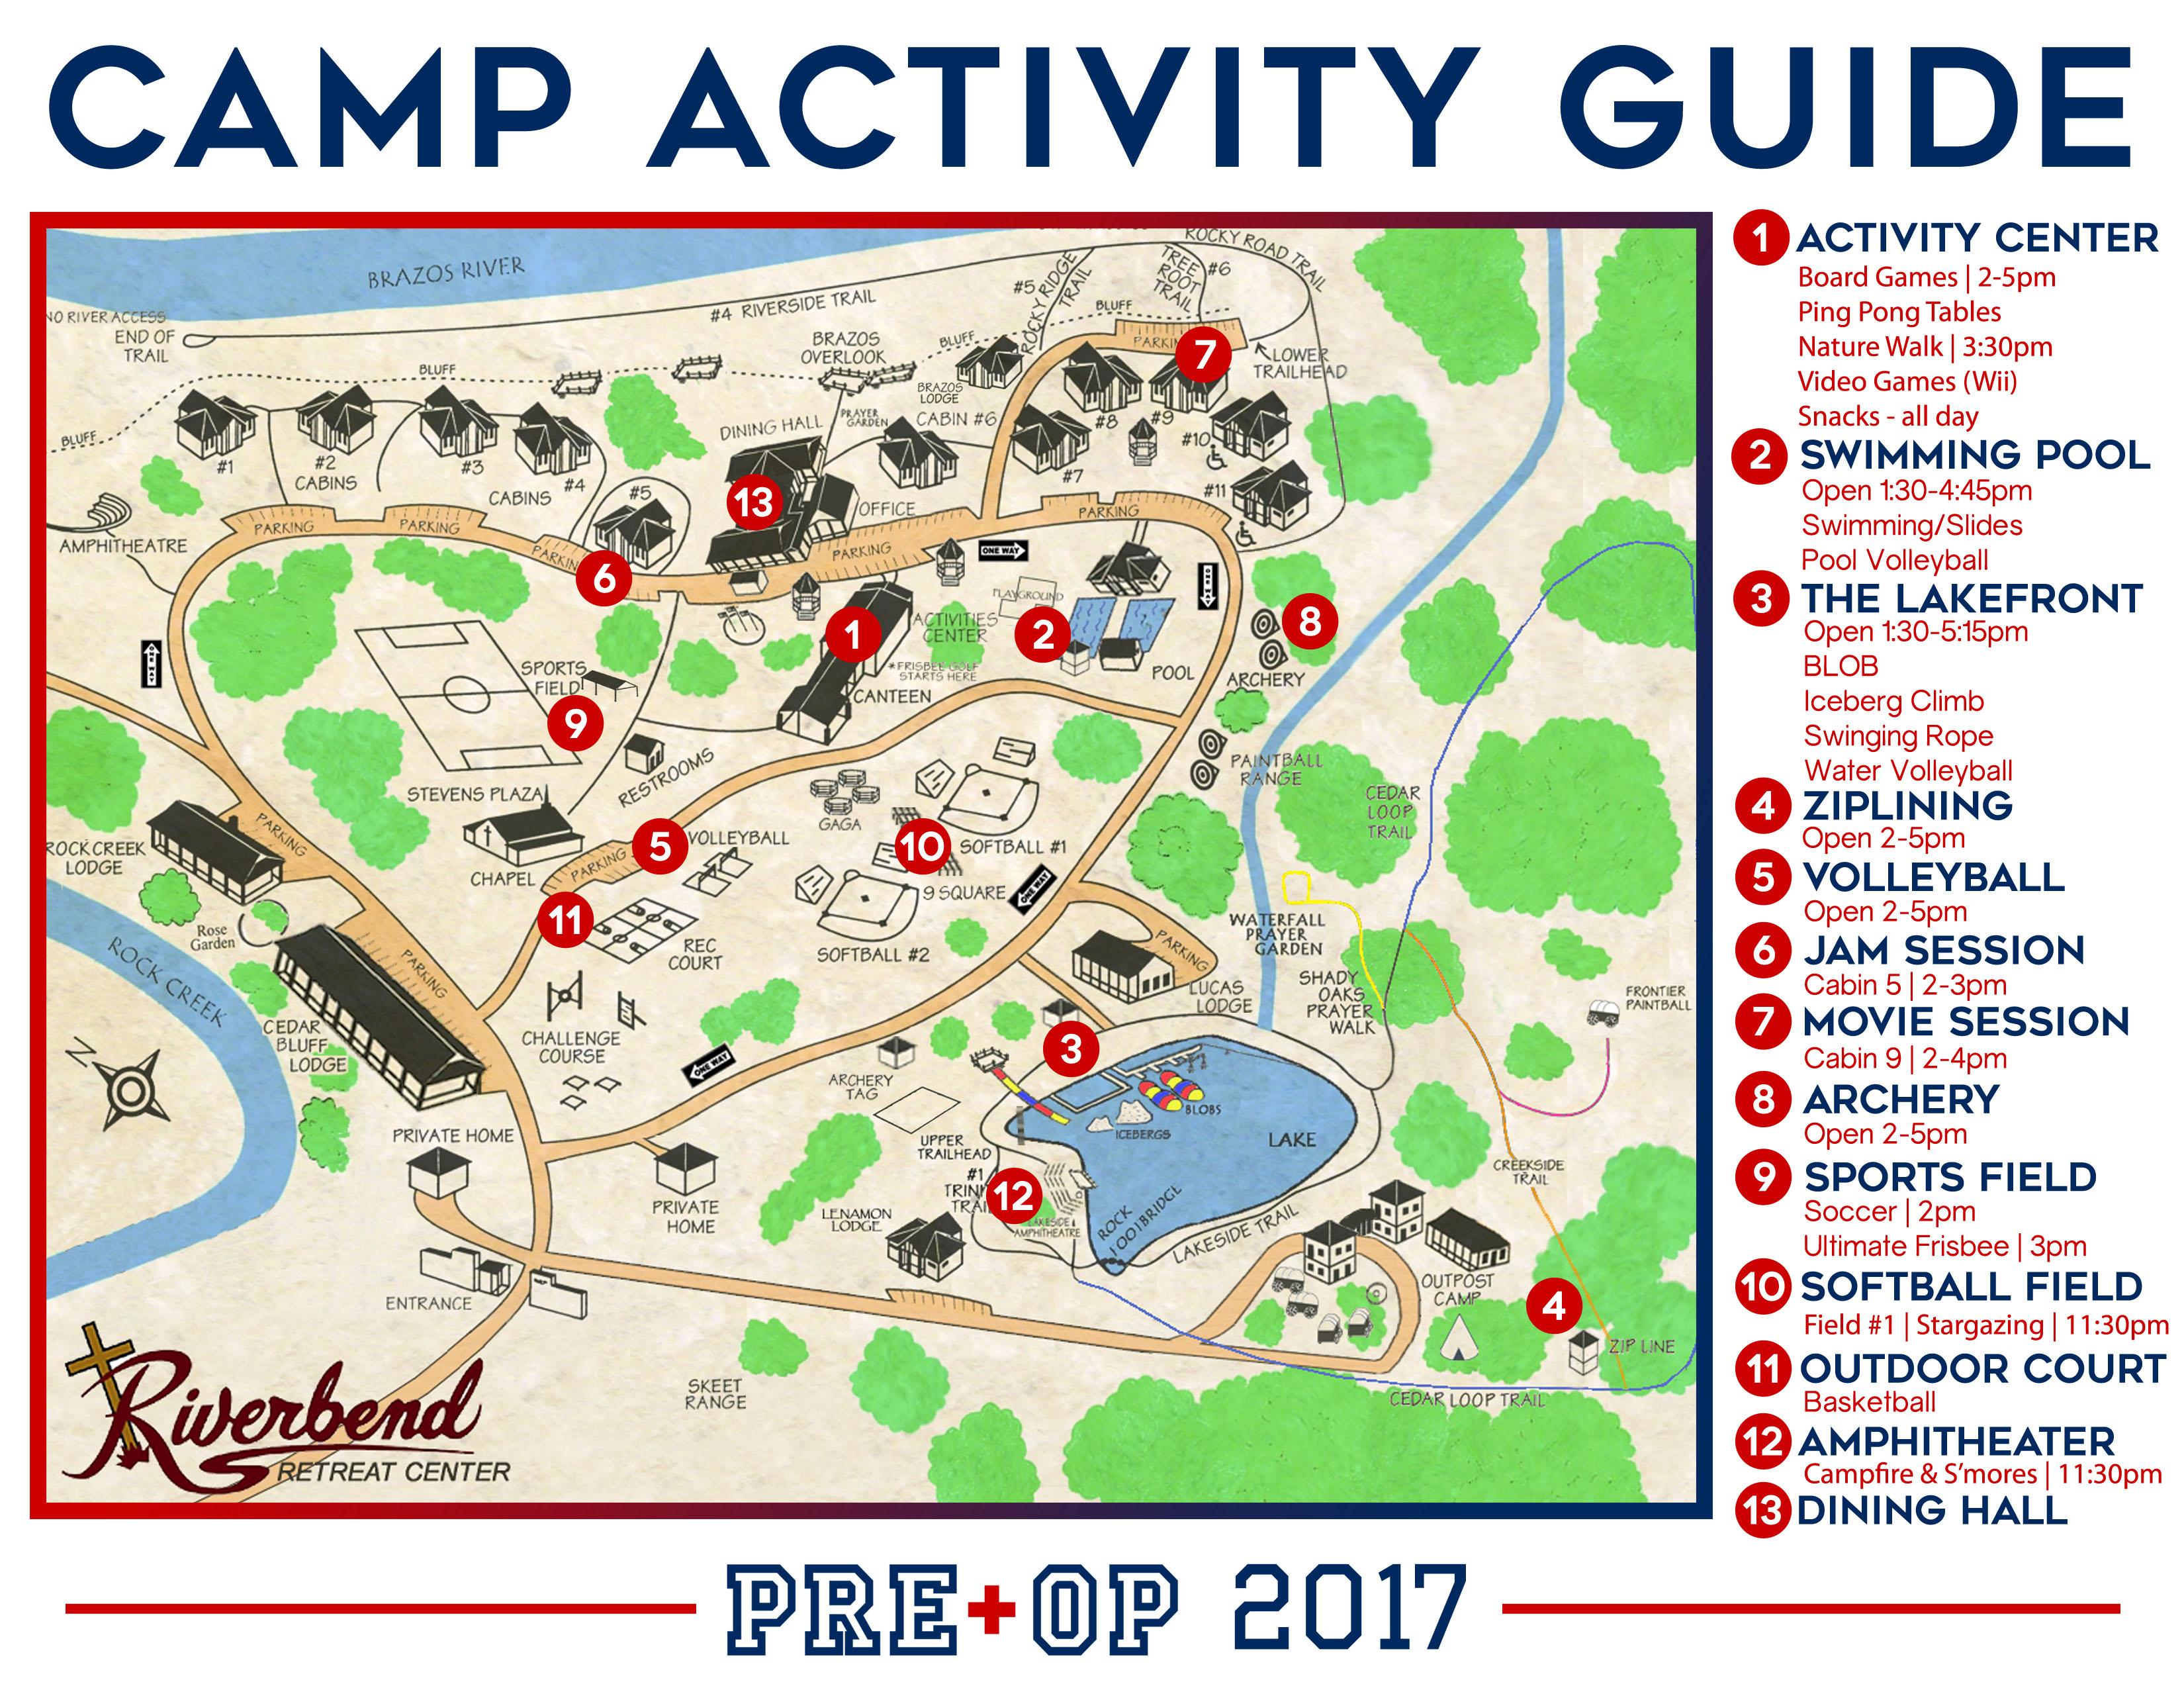 Utsw Campus Map Staples Center Seat Map